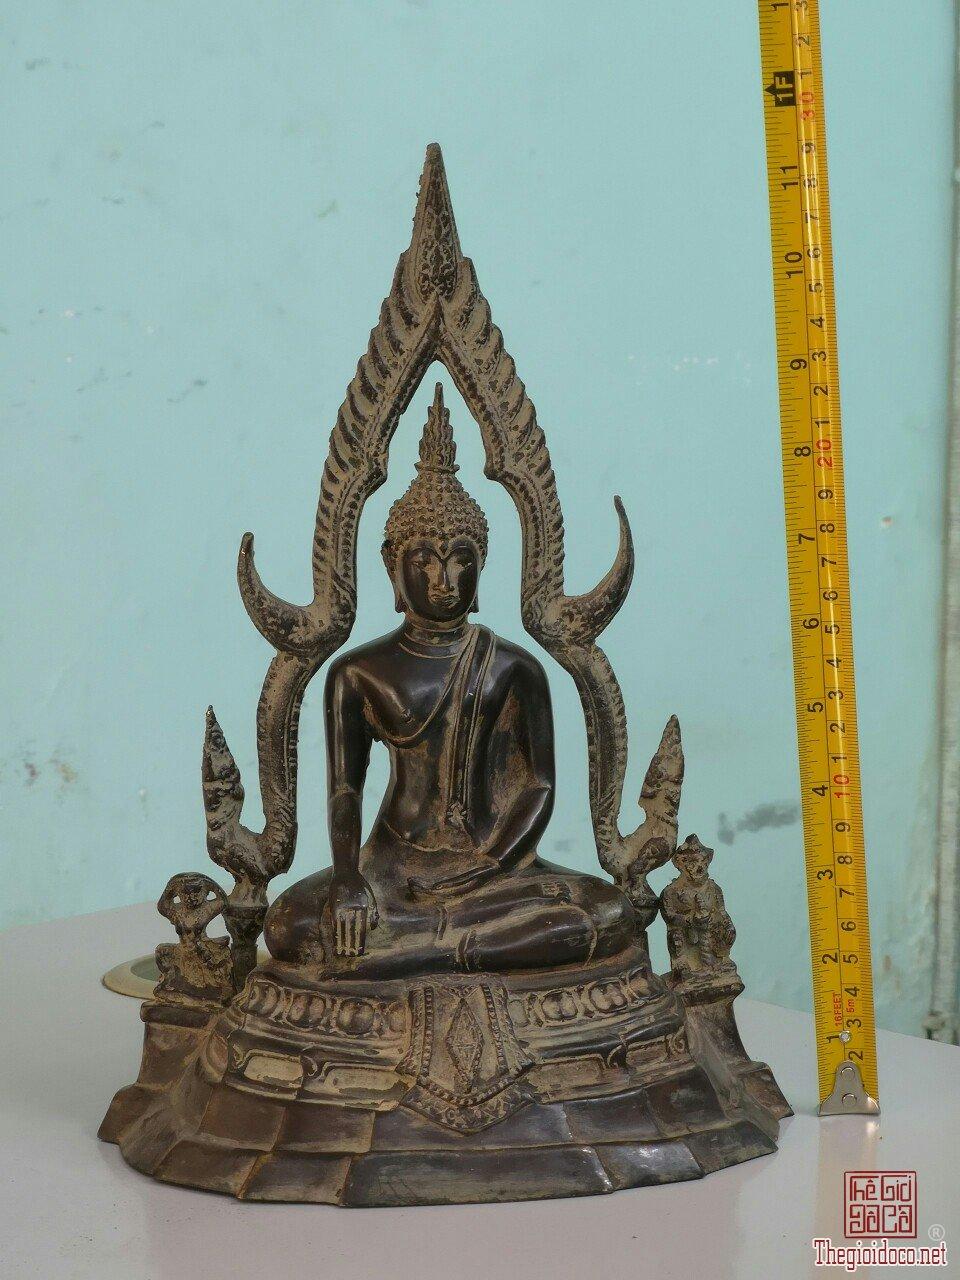 Siêu phẩm tượng Phật số 5 độc lạ quý hiếm